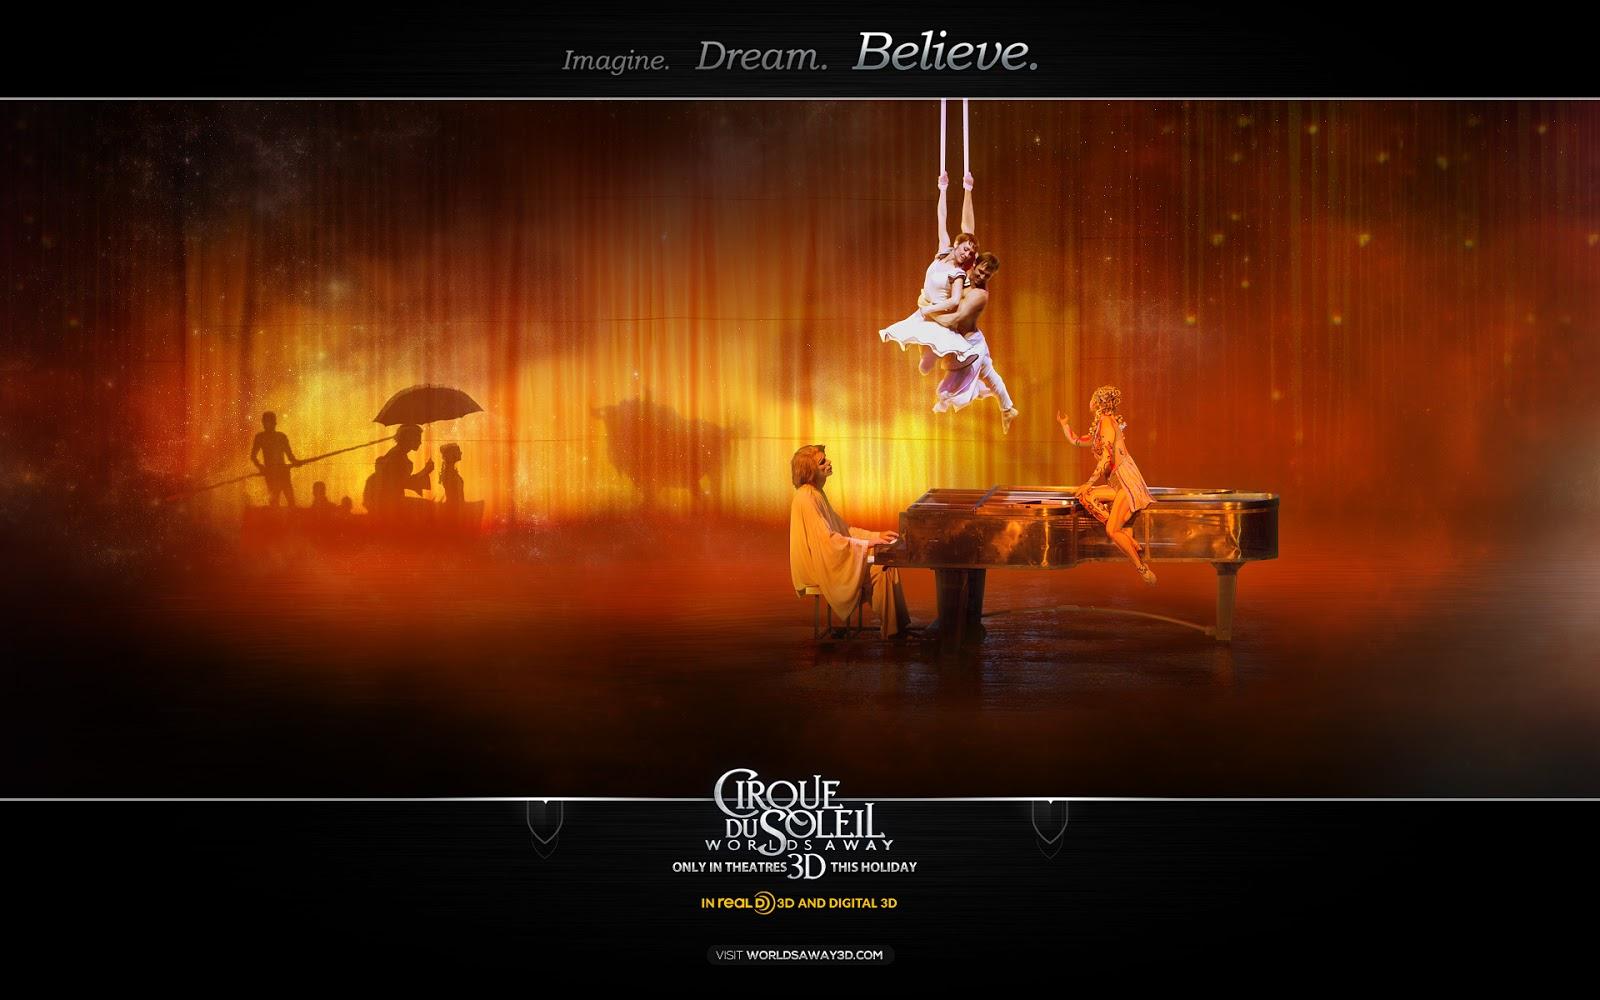 Thor 3d Hd Wallpaper Wallpapers Hd Cirque Du Soleil Fondos De Pantalla